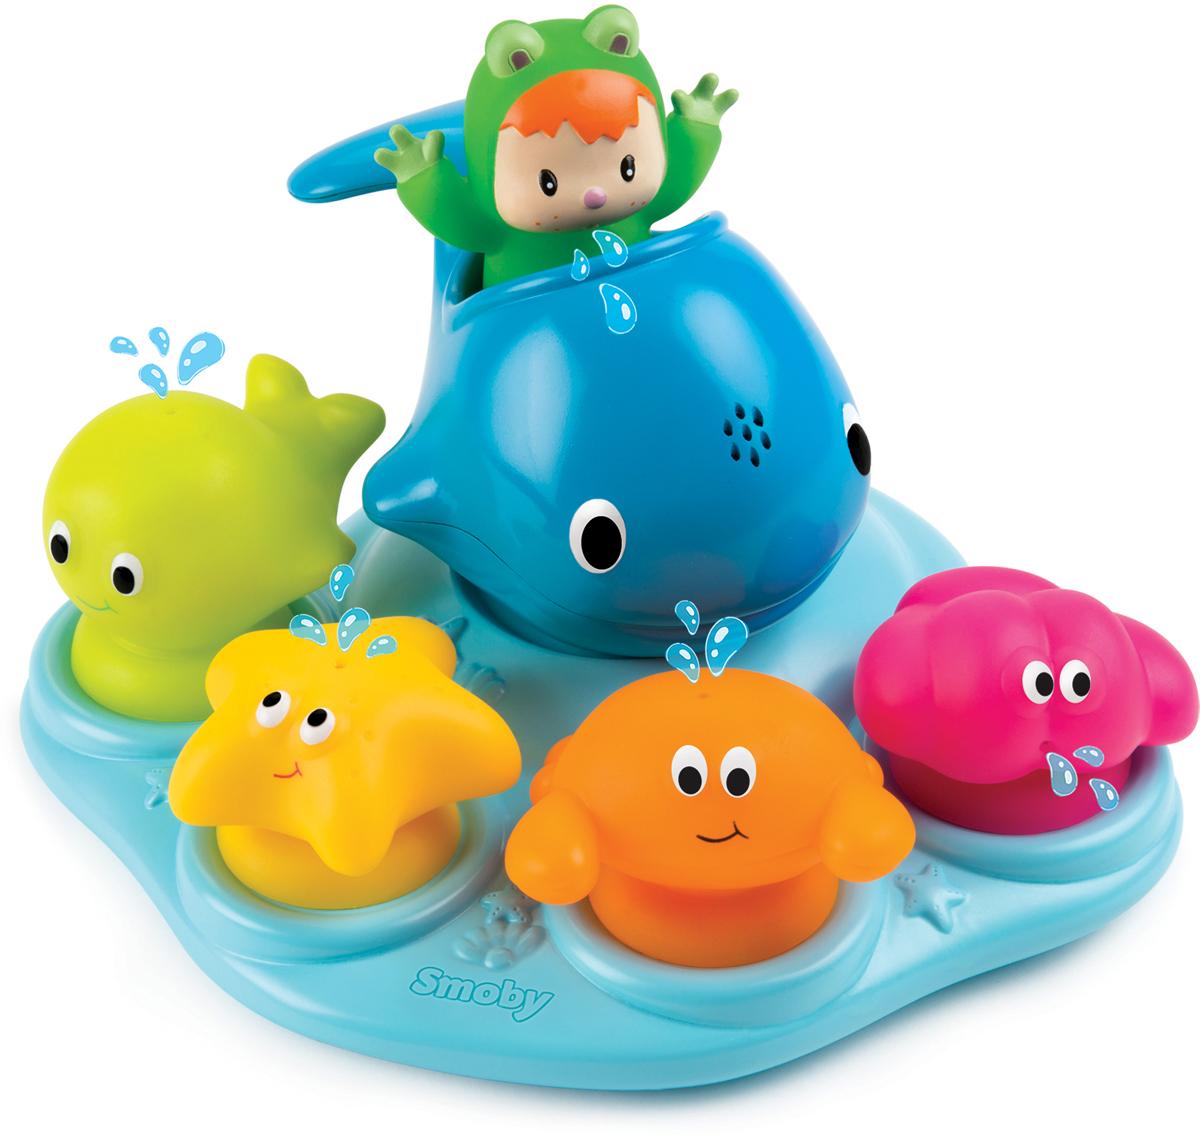 Smoby Игрушка для ванной Островок морских обитателей smoby стульчик сидение для ванной cotoons цвет розовый